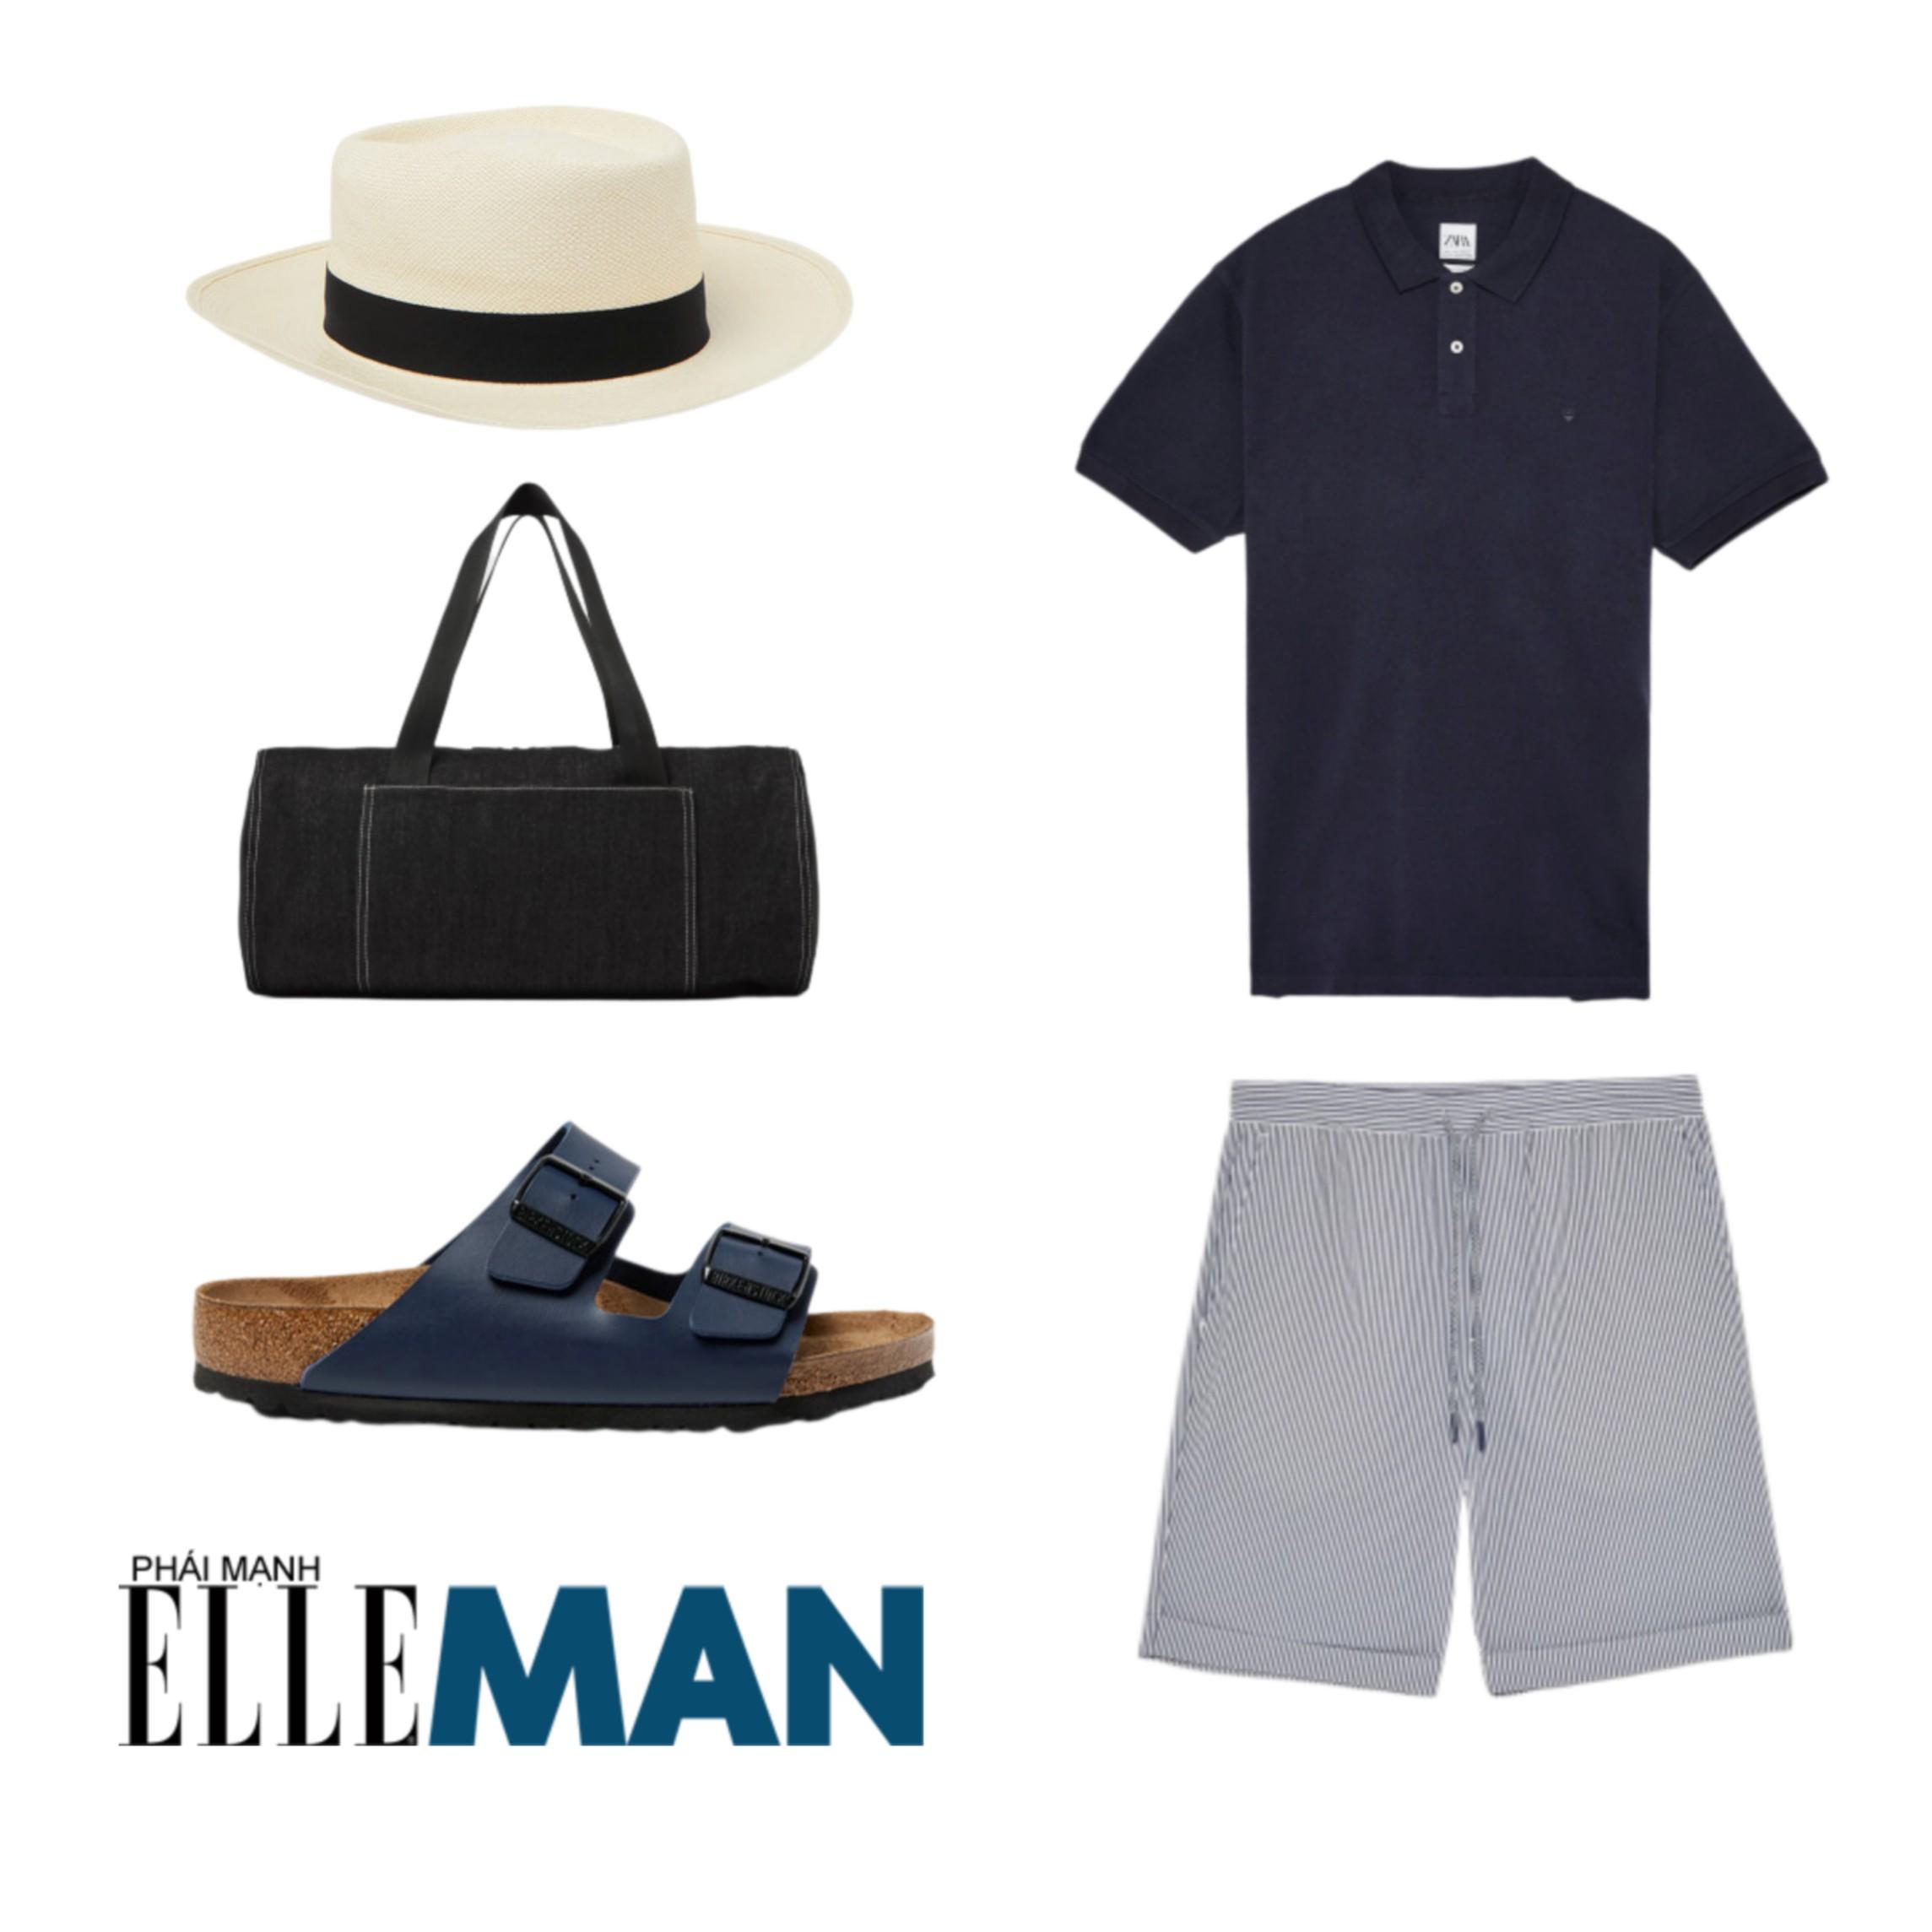 Trang phục đi biển ELLE Man gợi ý trang phục ngày dài tại biển